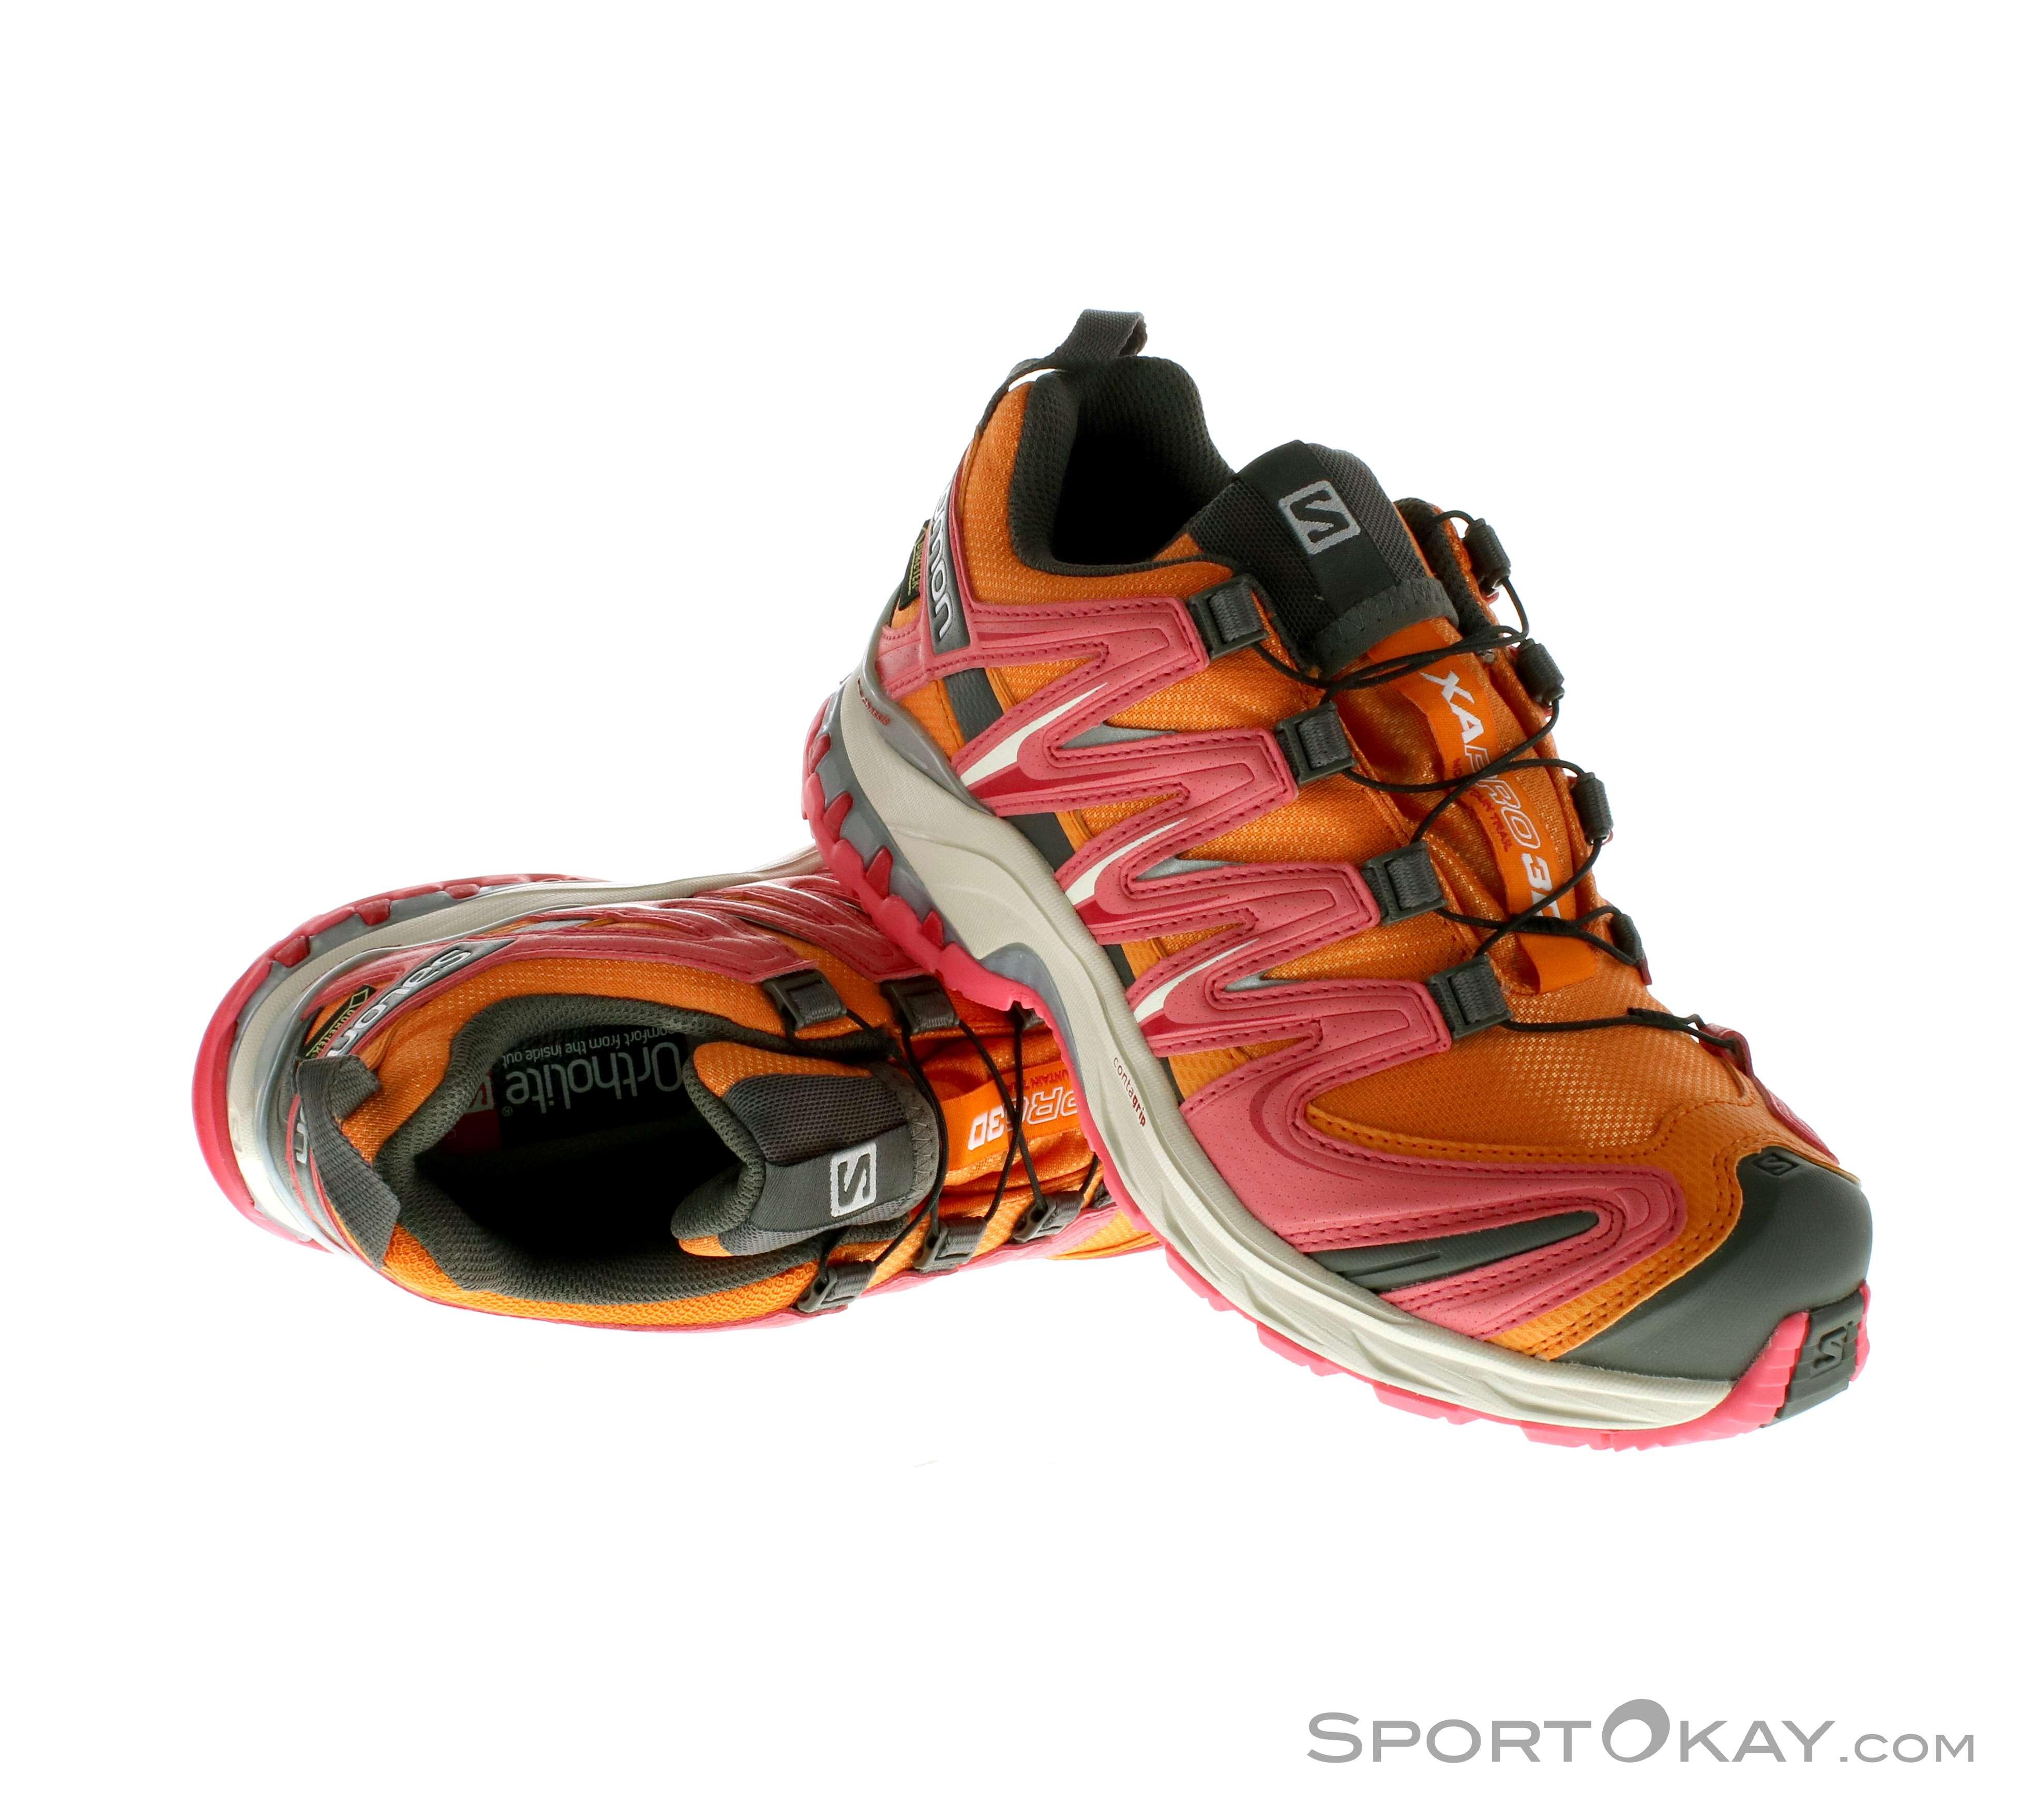 Salomon Salomon XA Pro 3D GTX Damen Traillaufschuhe Gore Tex